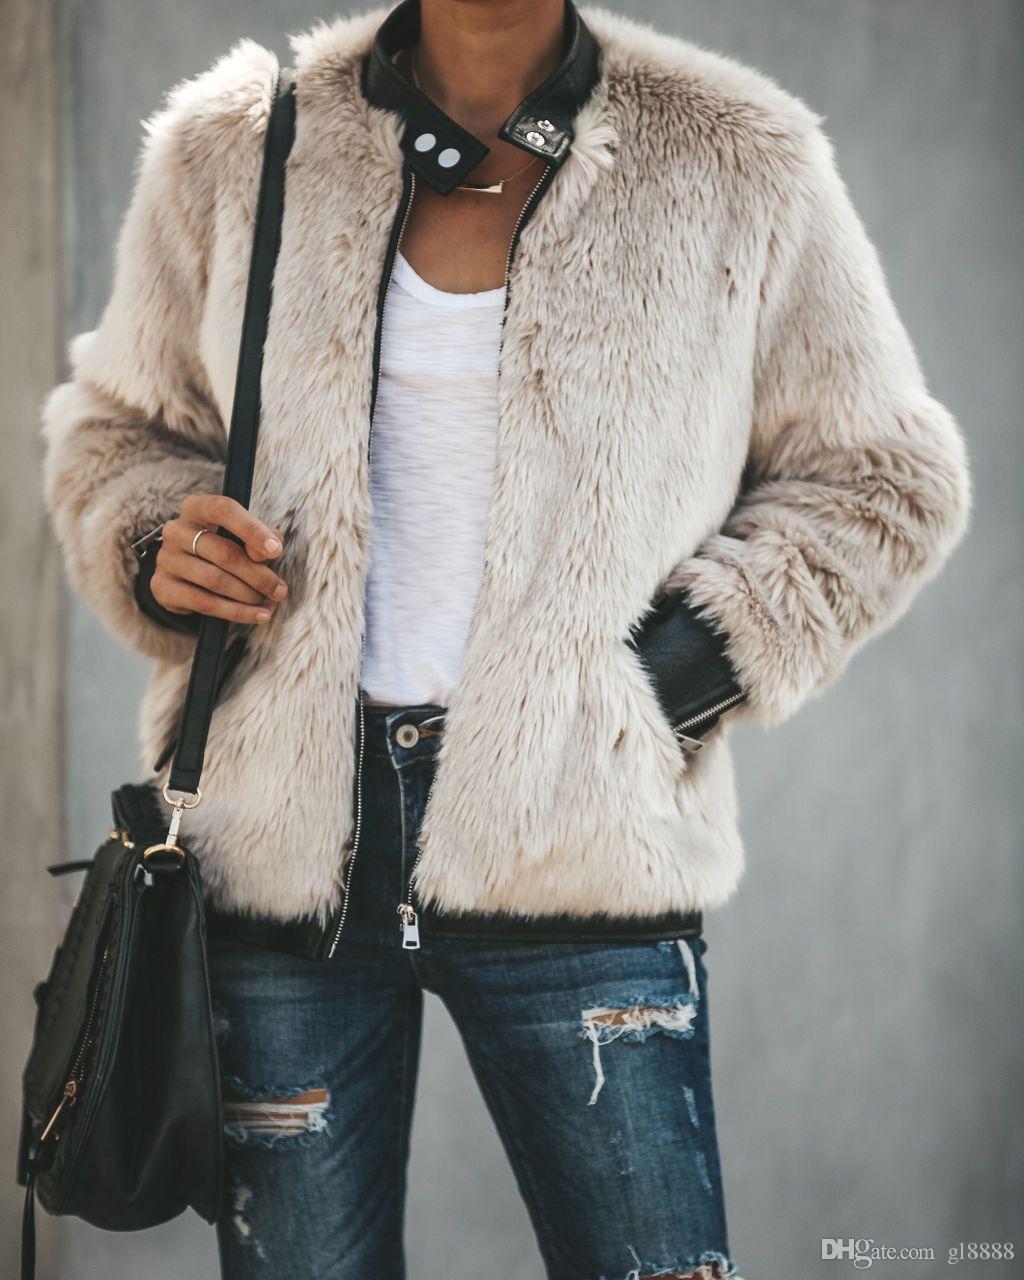 النساء الشتاء الطويلة الجيب الدافئة منفوش معطف الصوف سترات الفراء زمم ملابس خارجية